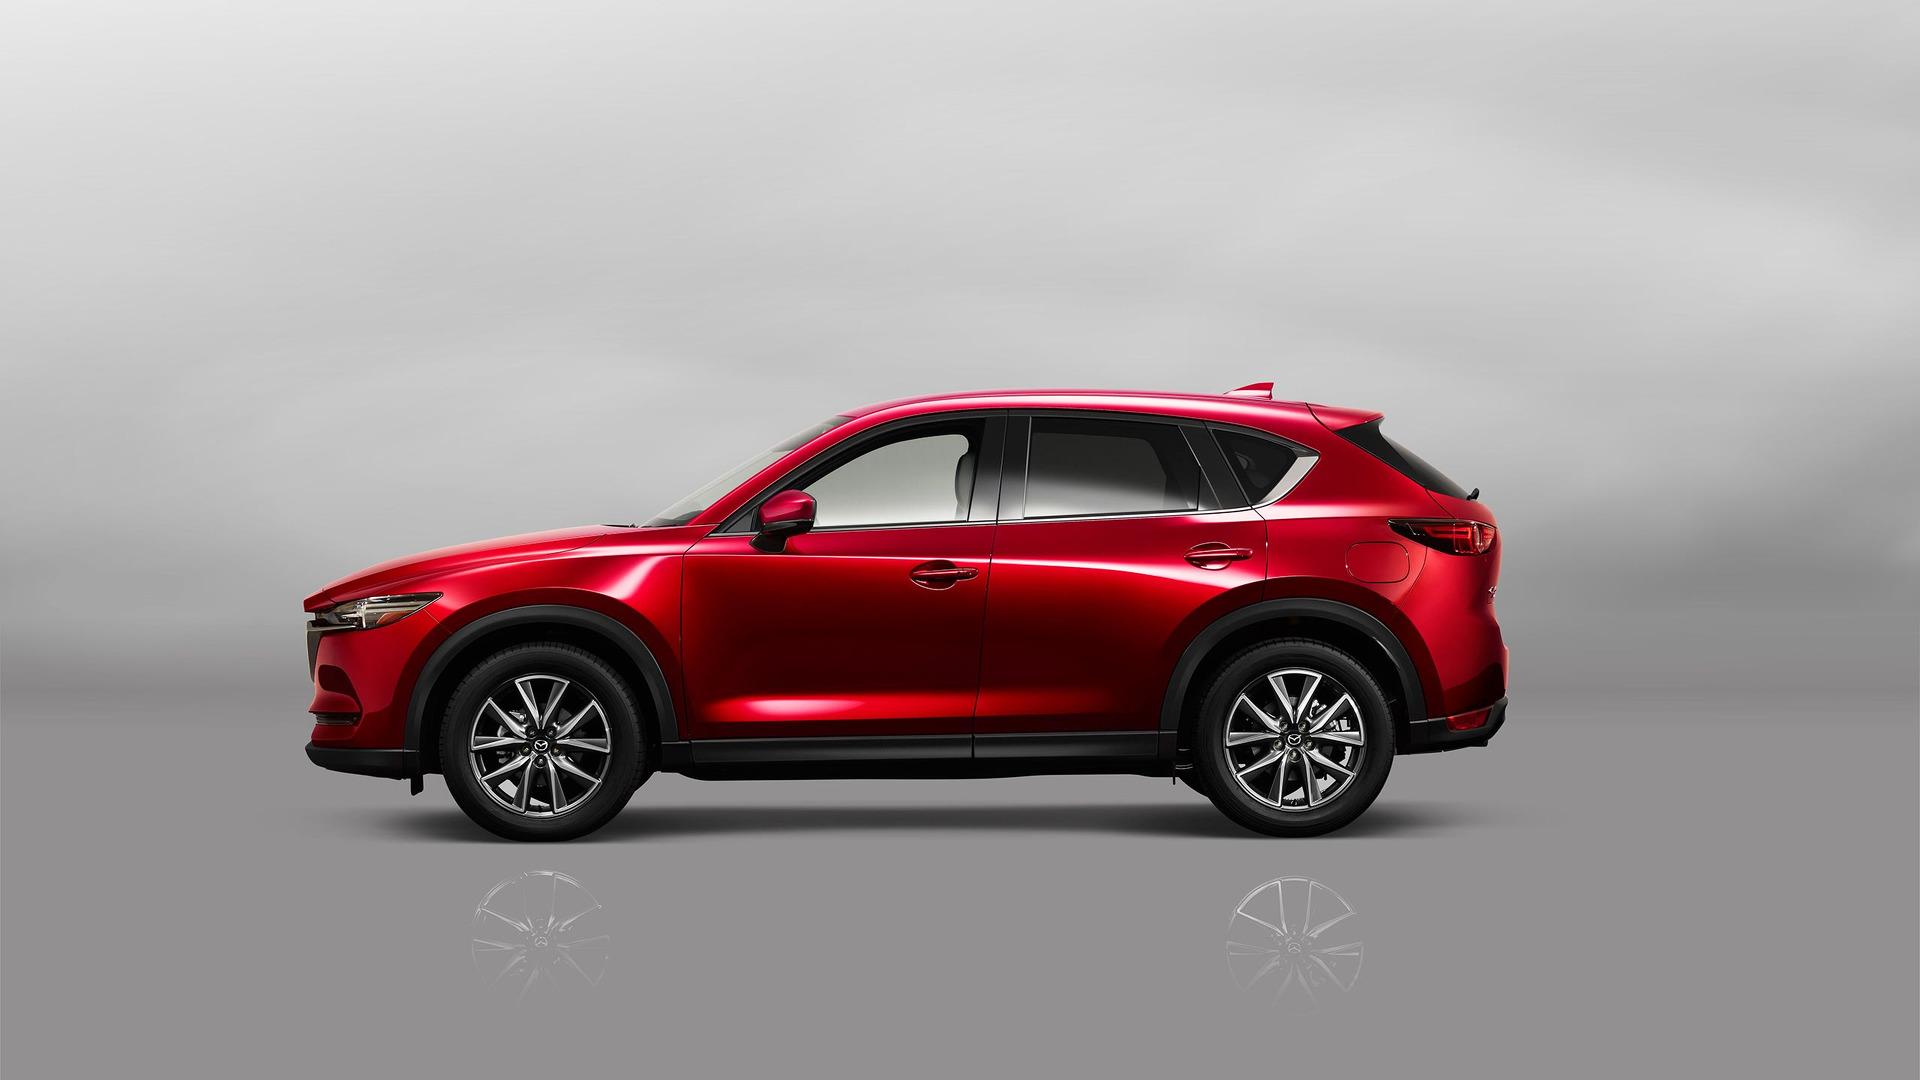 2017 Mazda CX-5 (3)